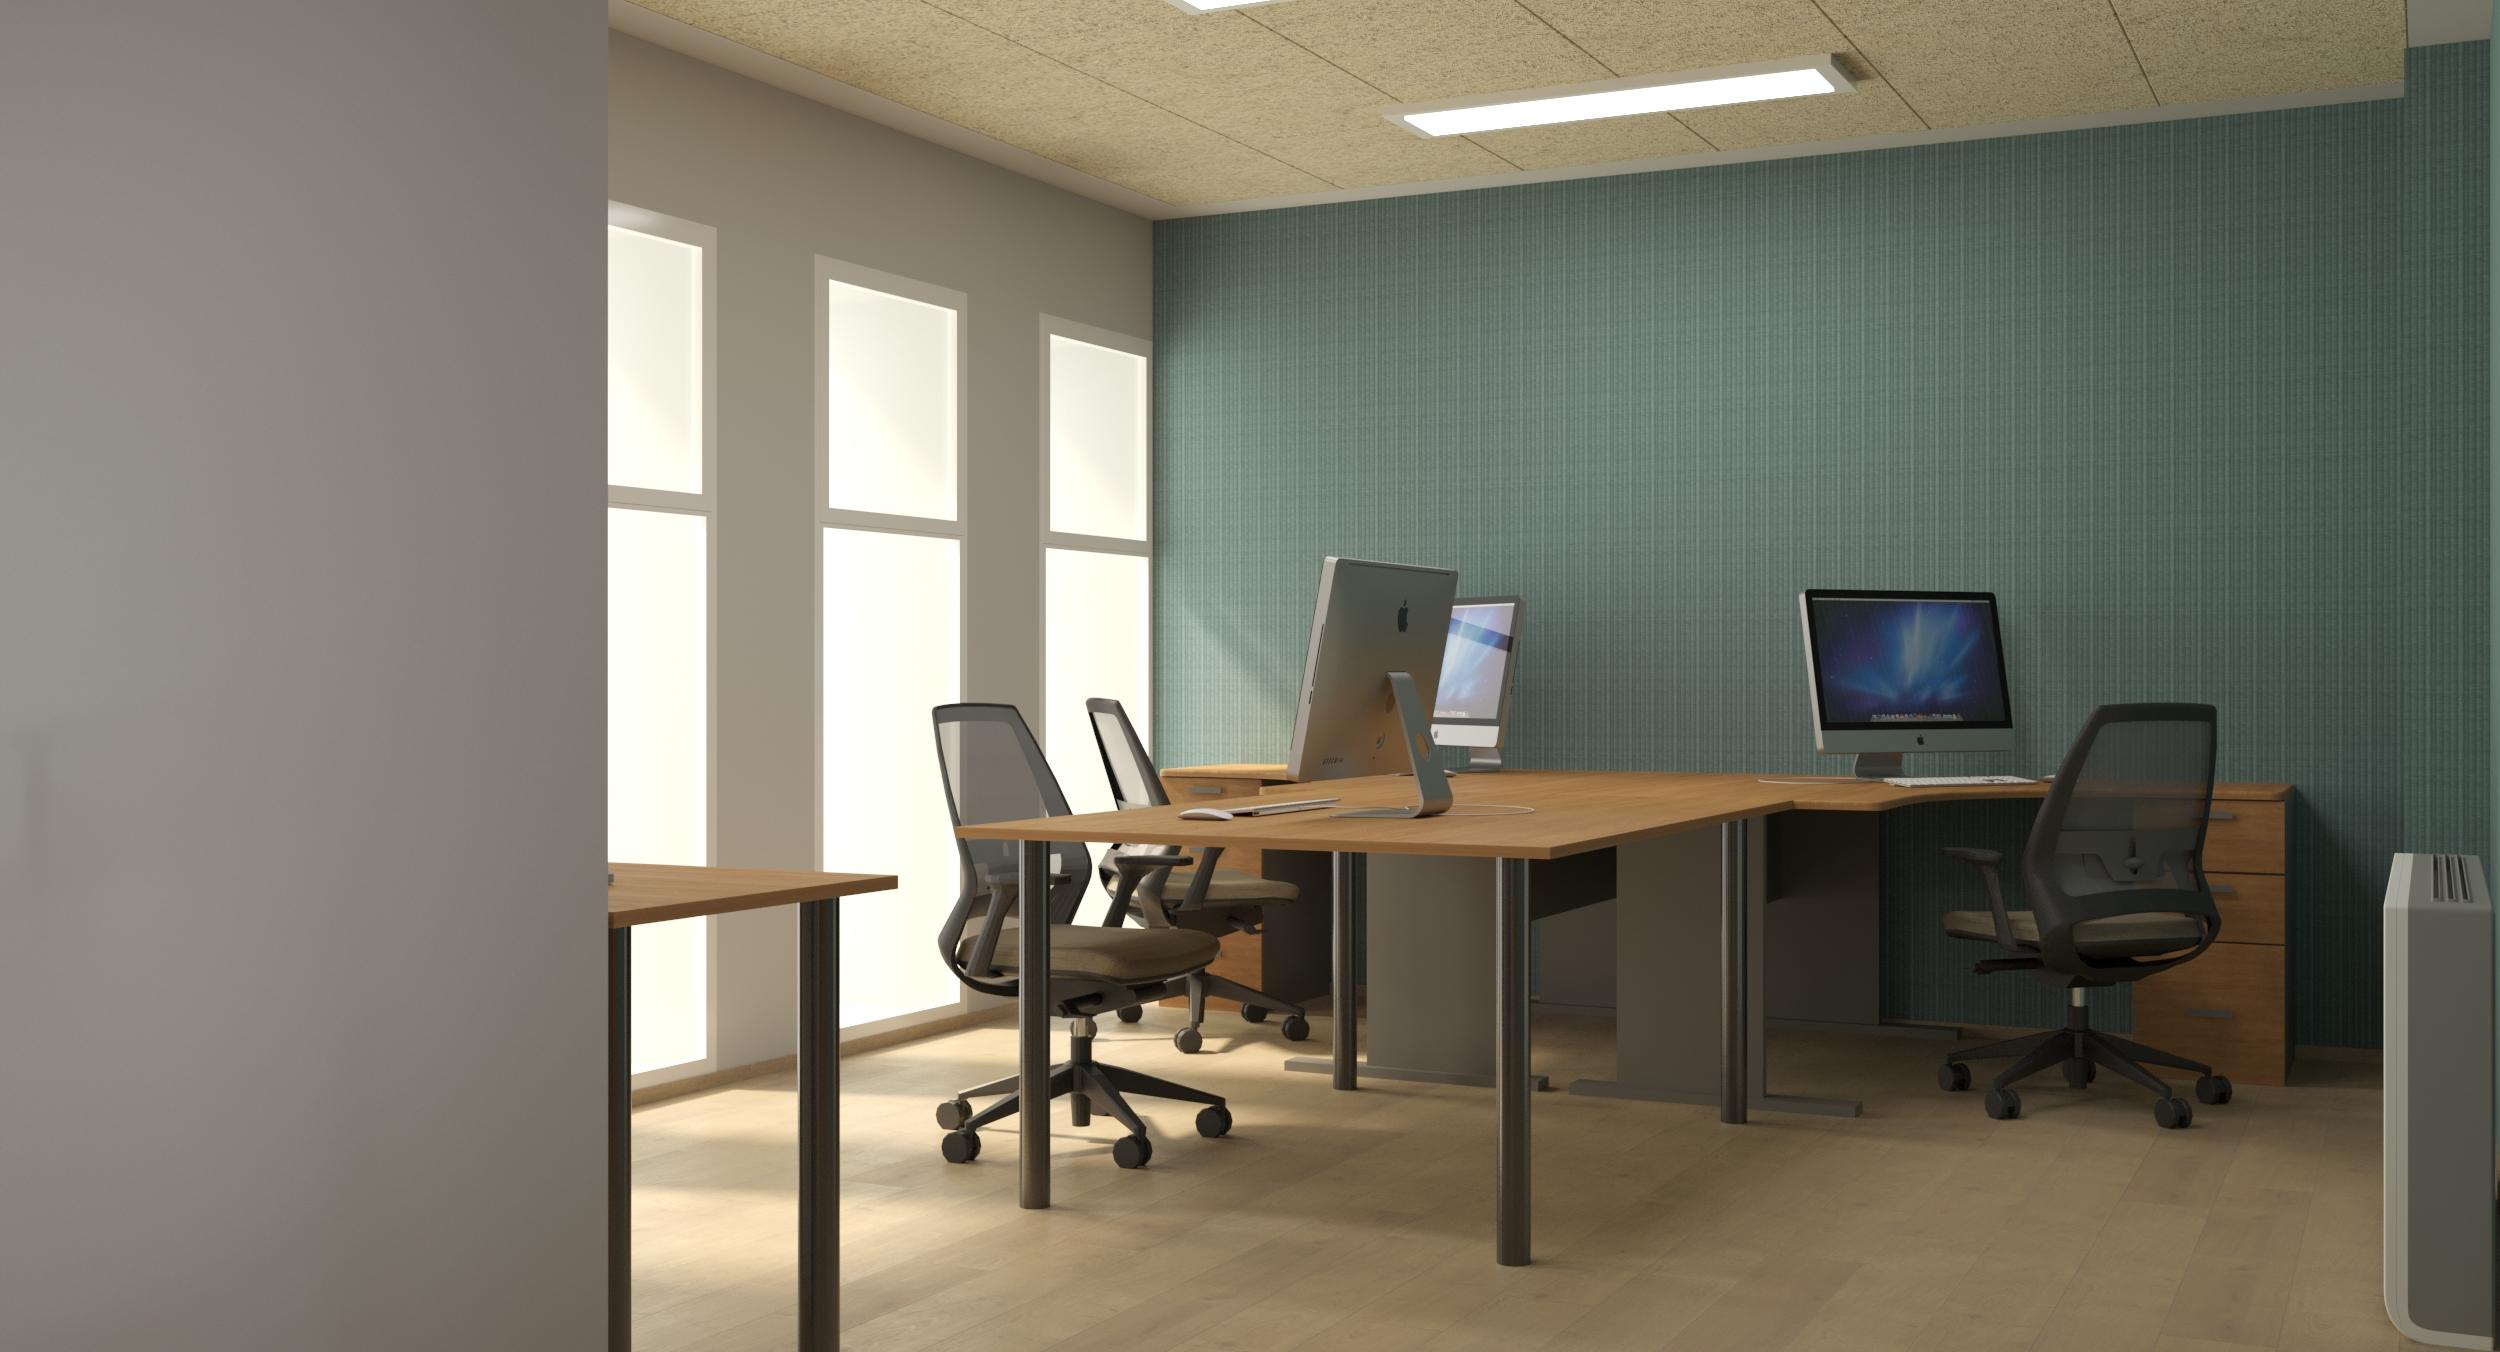 emmme studio slow design oficinas ordenanzas Enresa  04.jpg